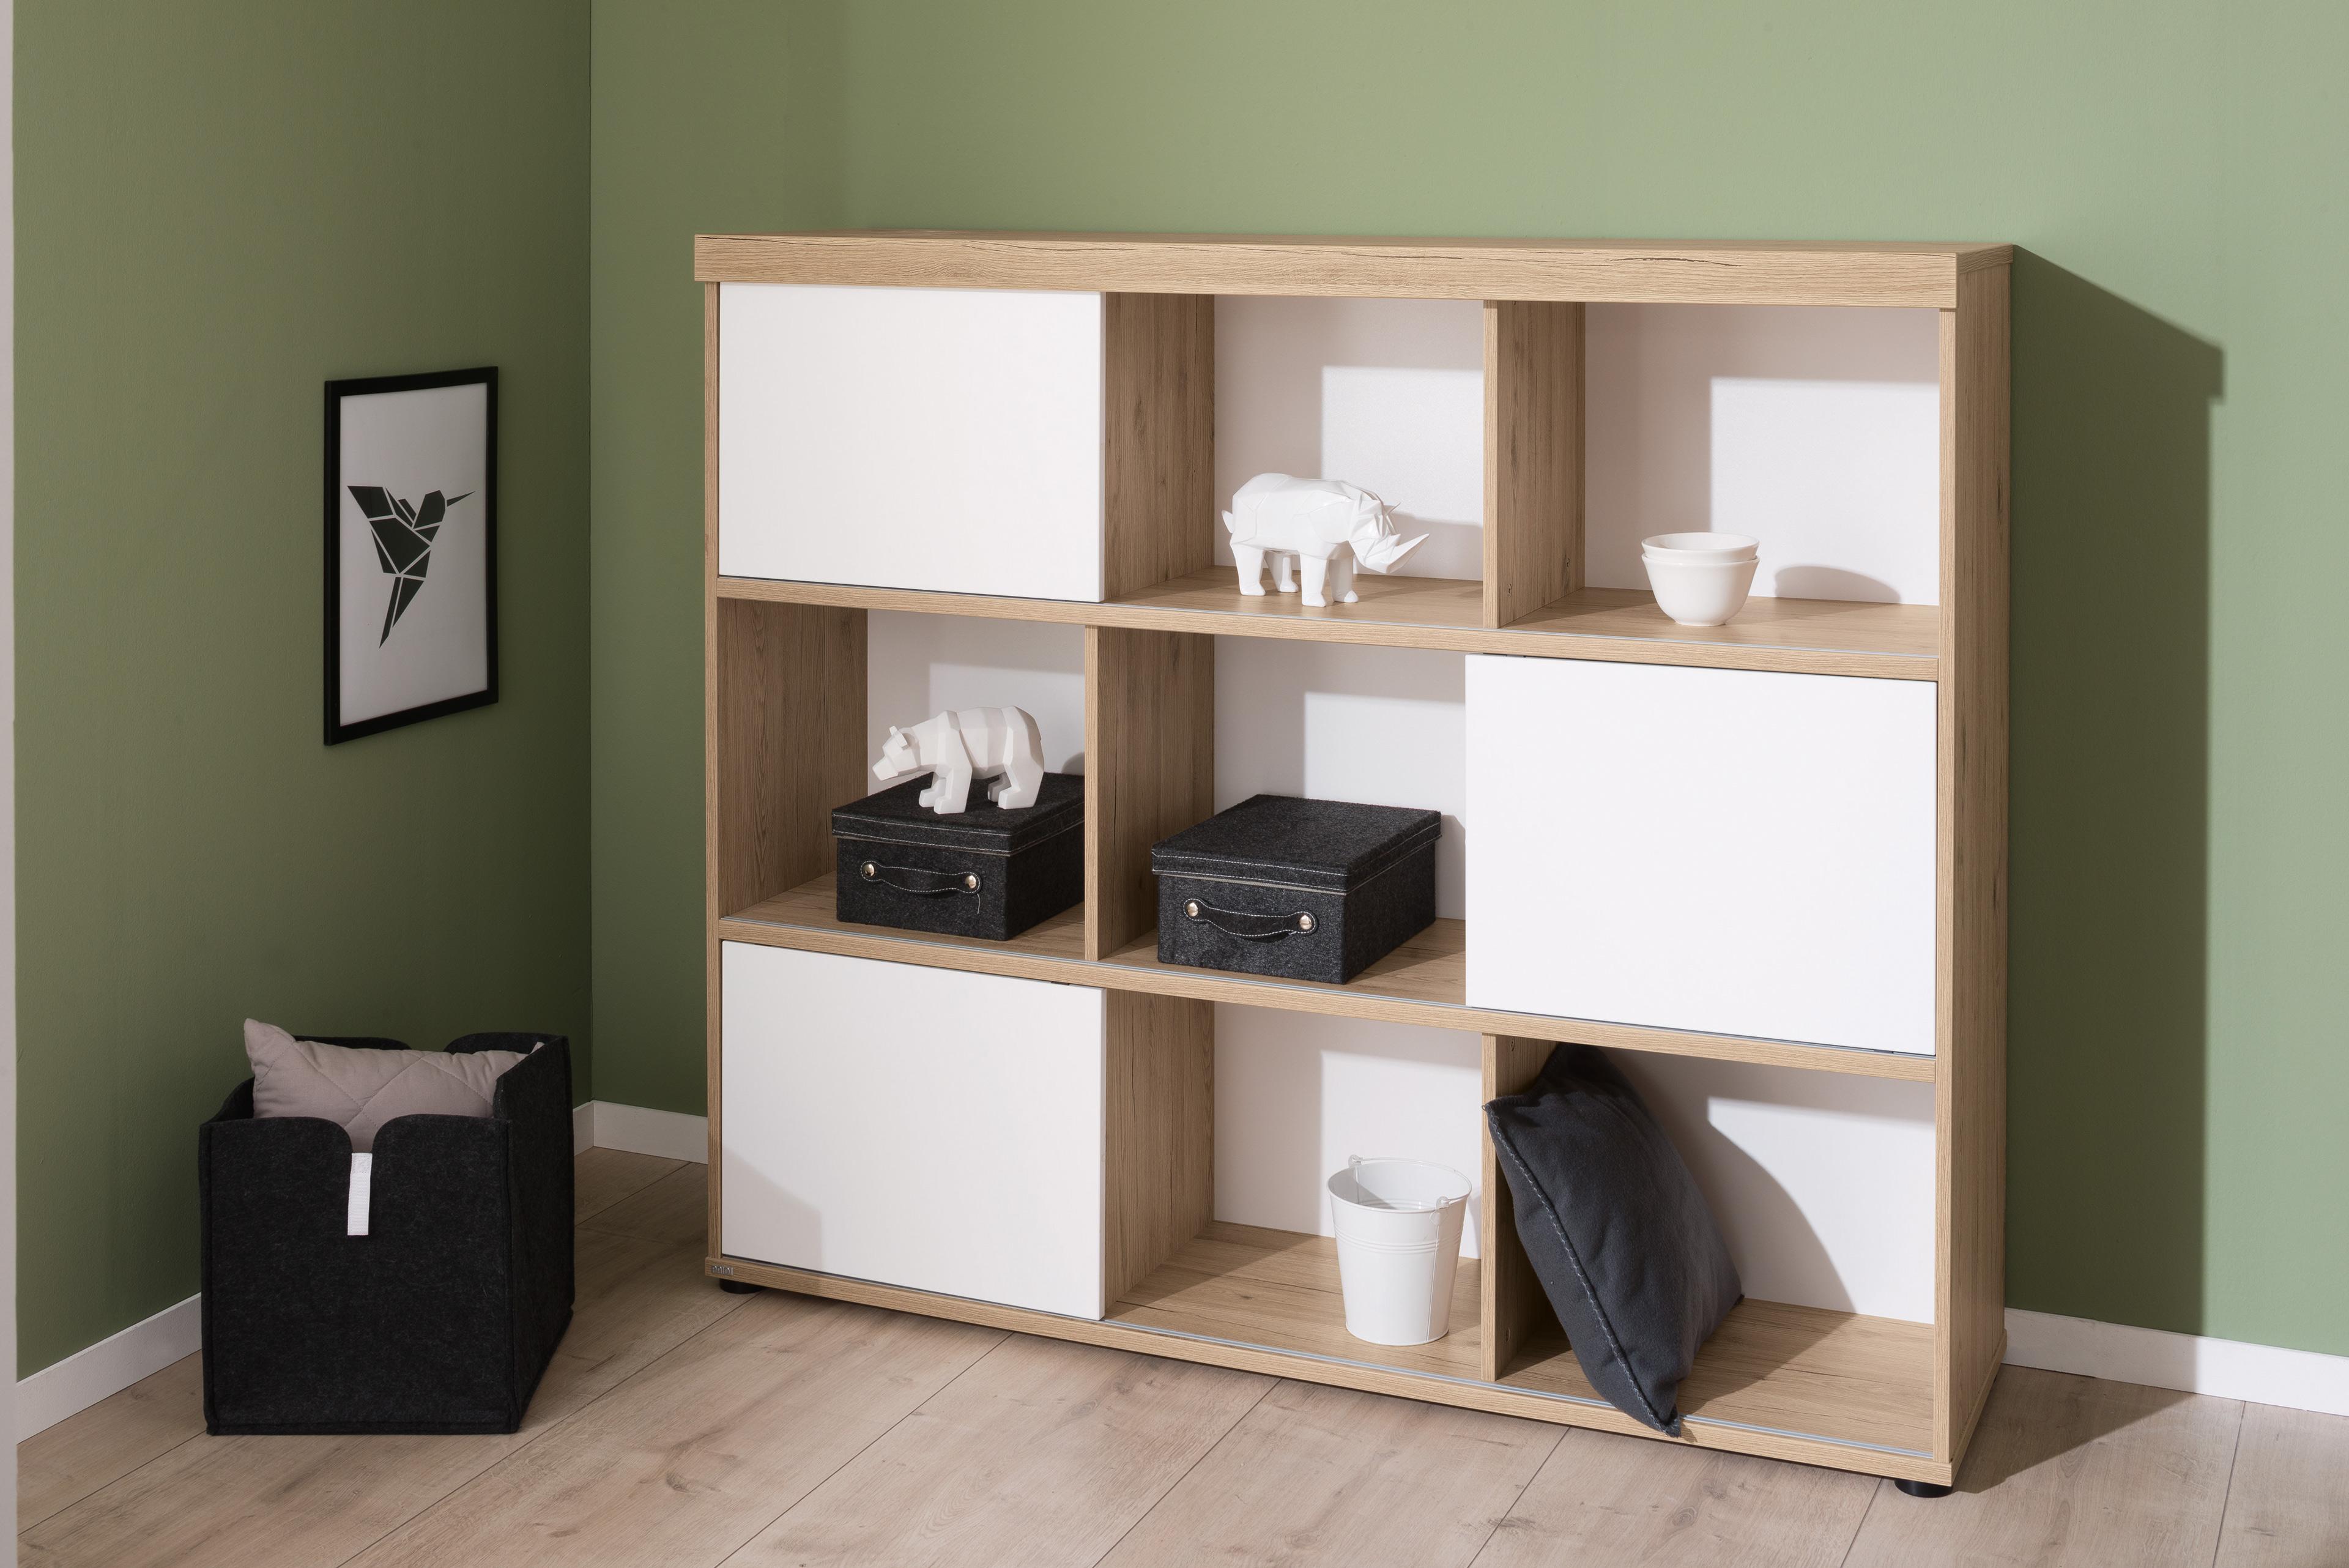 paidi jugendzimmer fionn kojenbett und schrank m bel letz ihr online shop. Black Bedroom Furniture Sets. Home Design Ideas